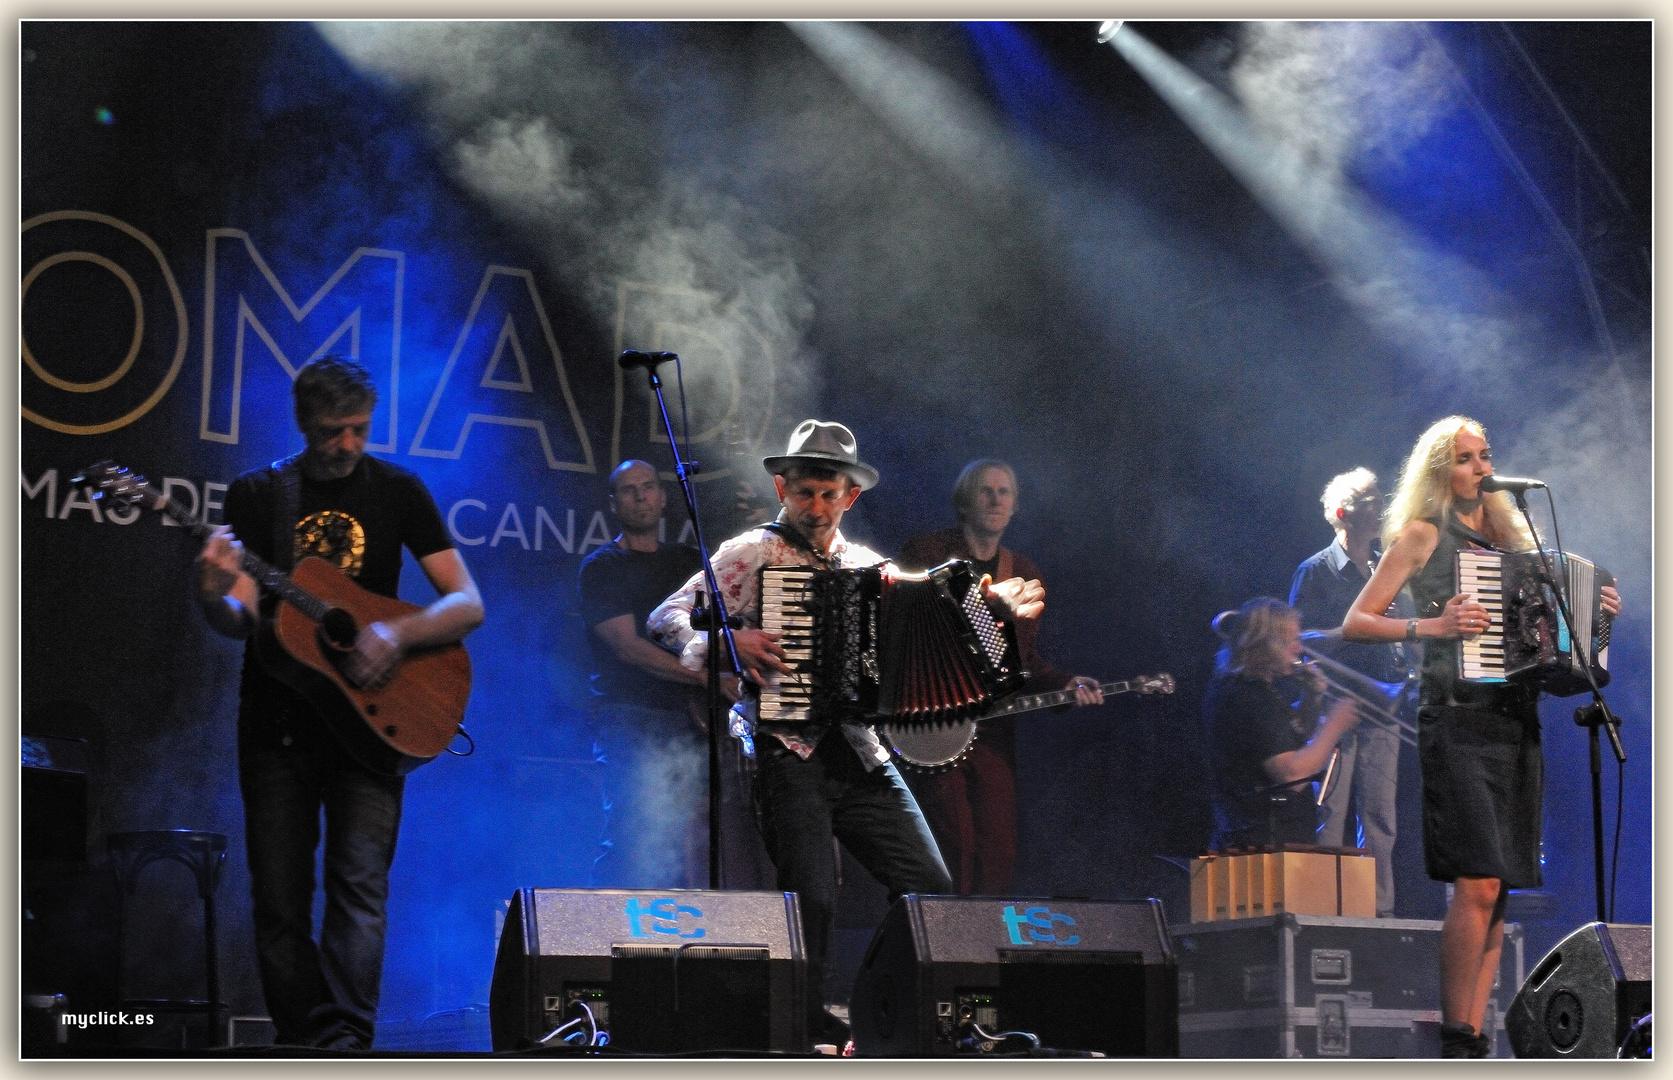 UNA NOCHE MAGICA-WOMAD 2011-LAS PALMAS DE G C